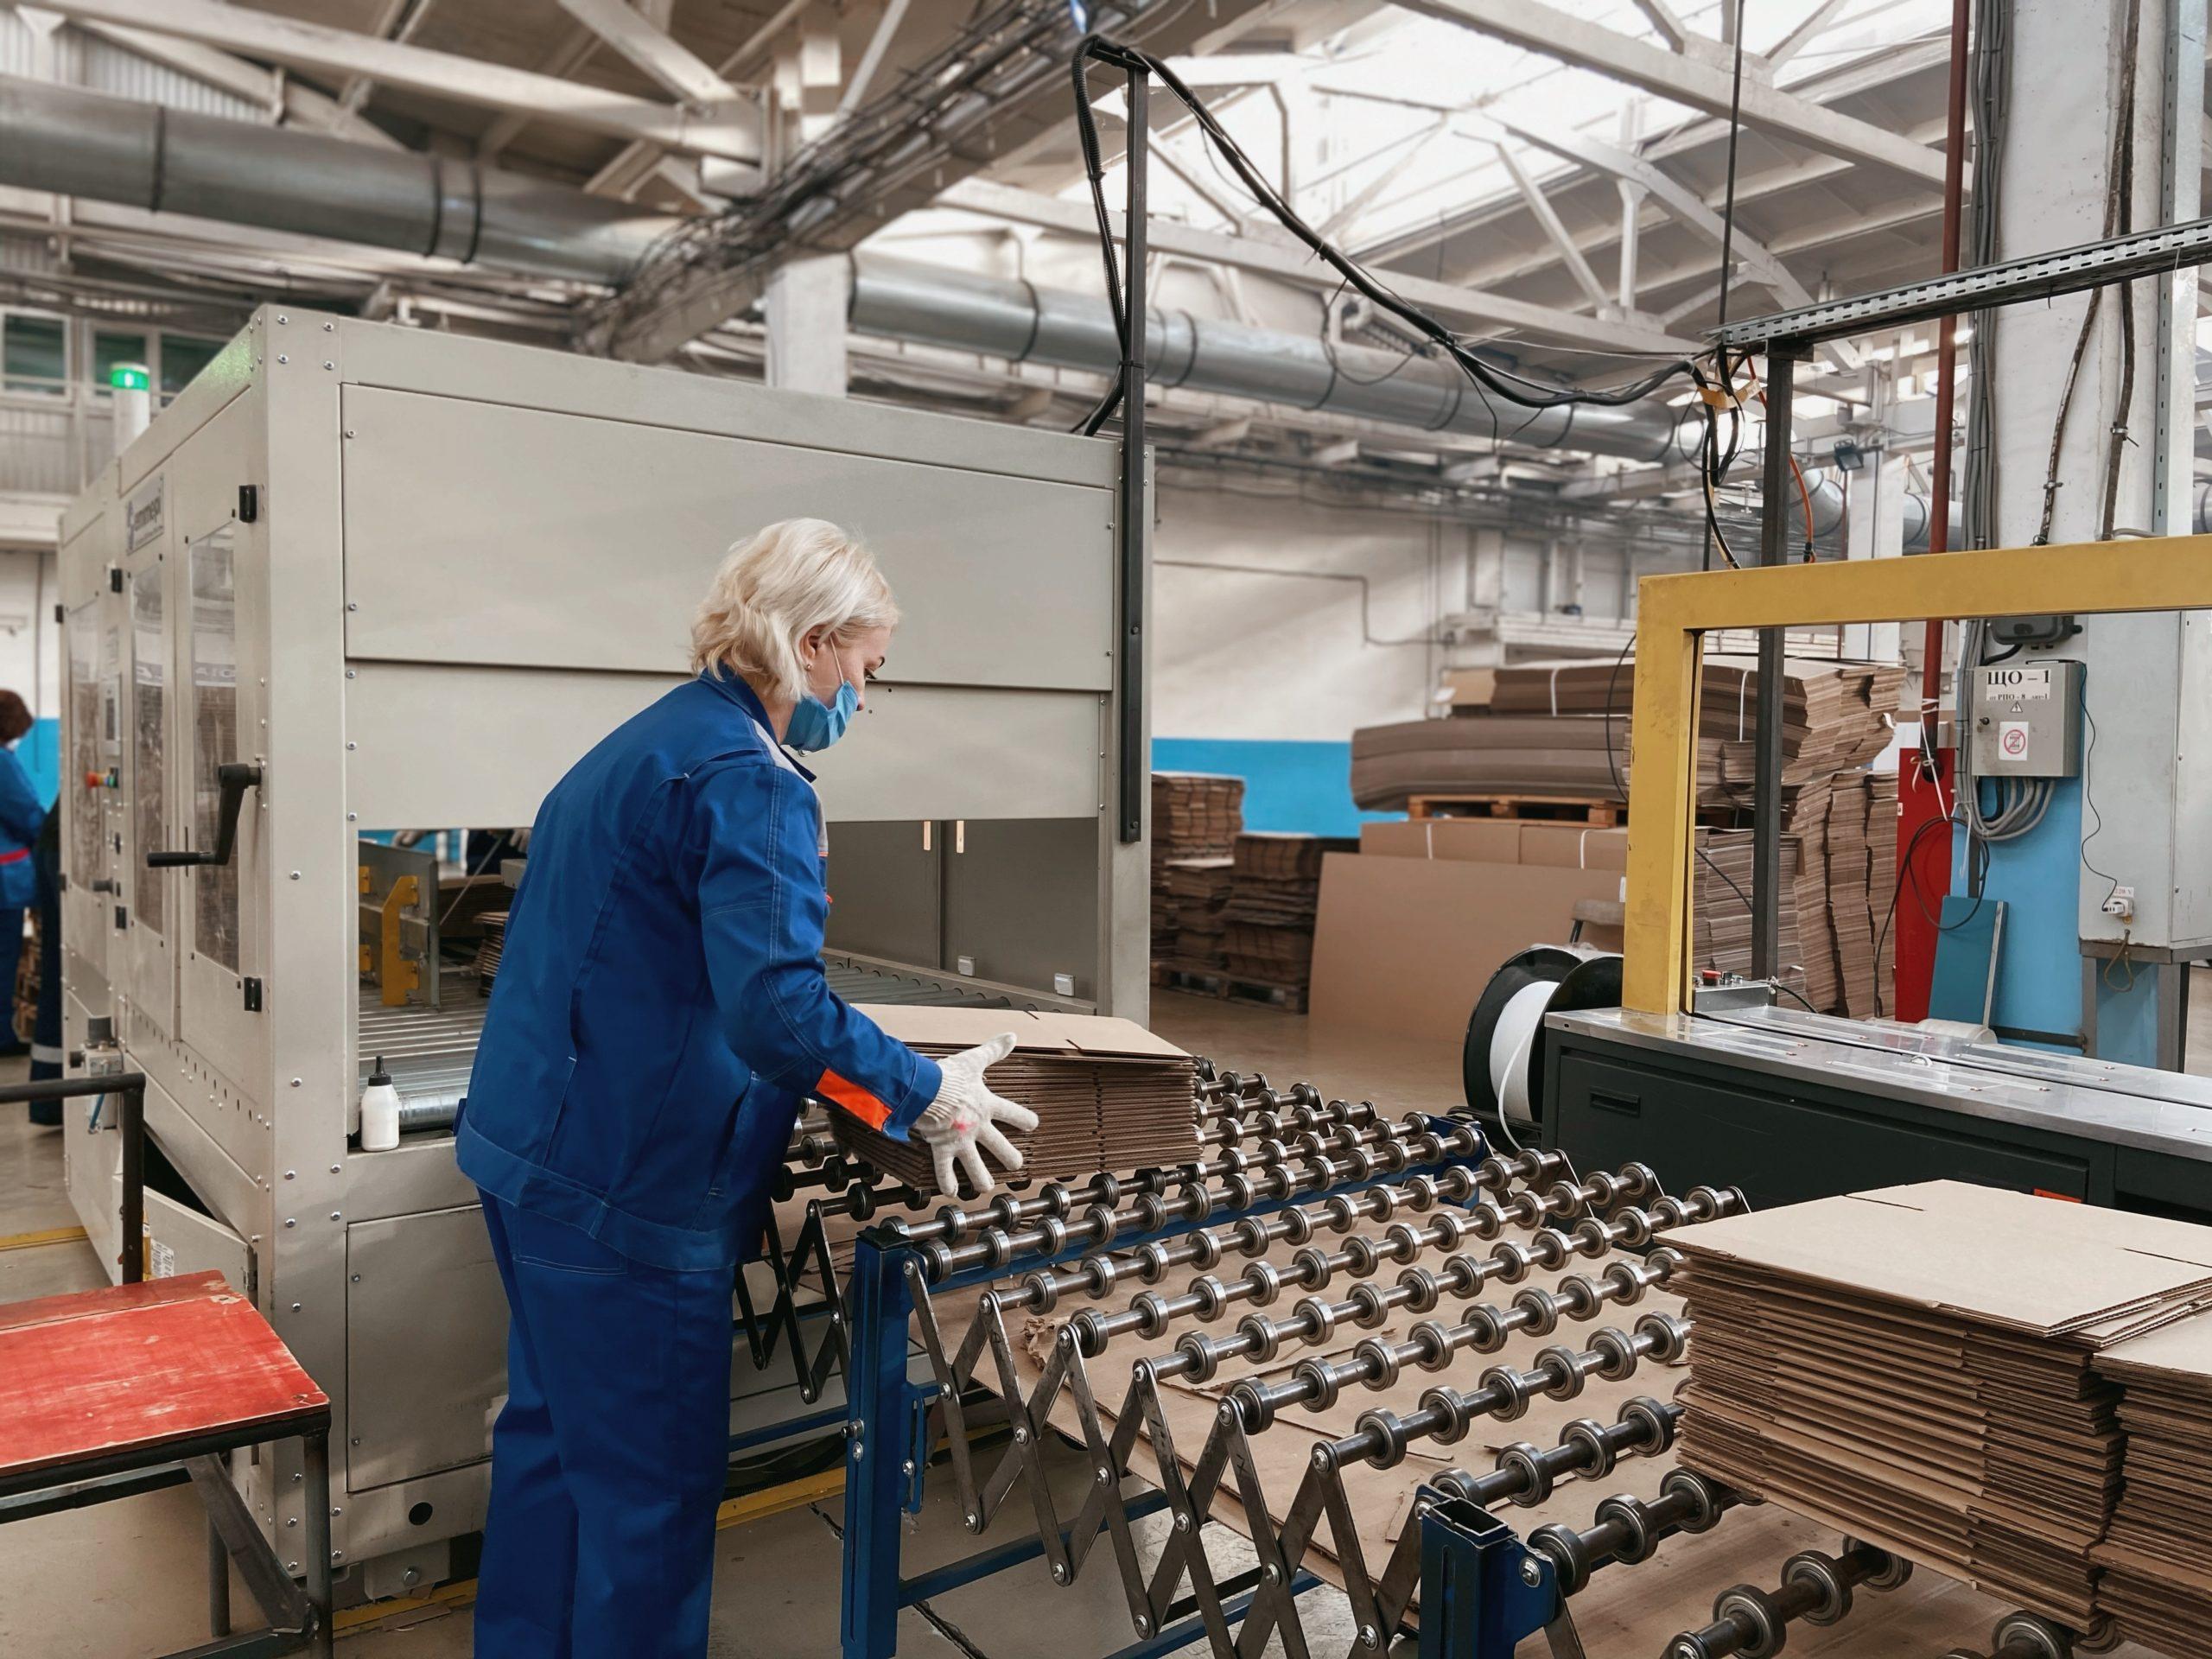 Волгоградские предприятия повысили производительность труда на 21% по итогам первого года работы Регионального центра компетенций